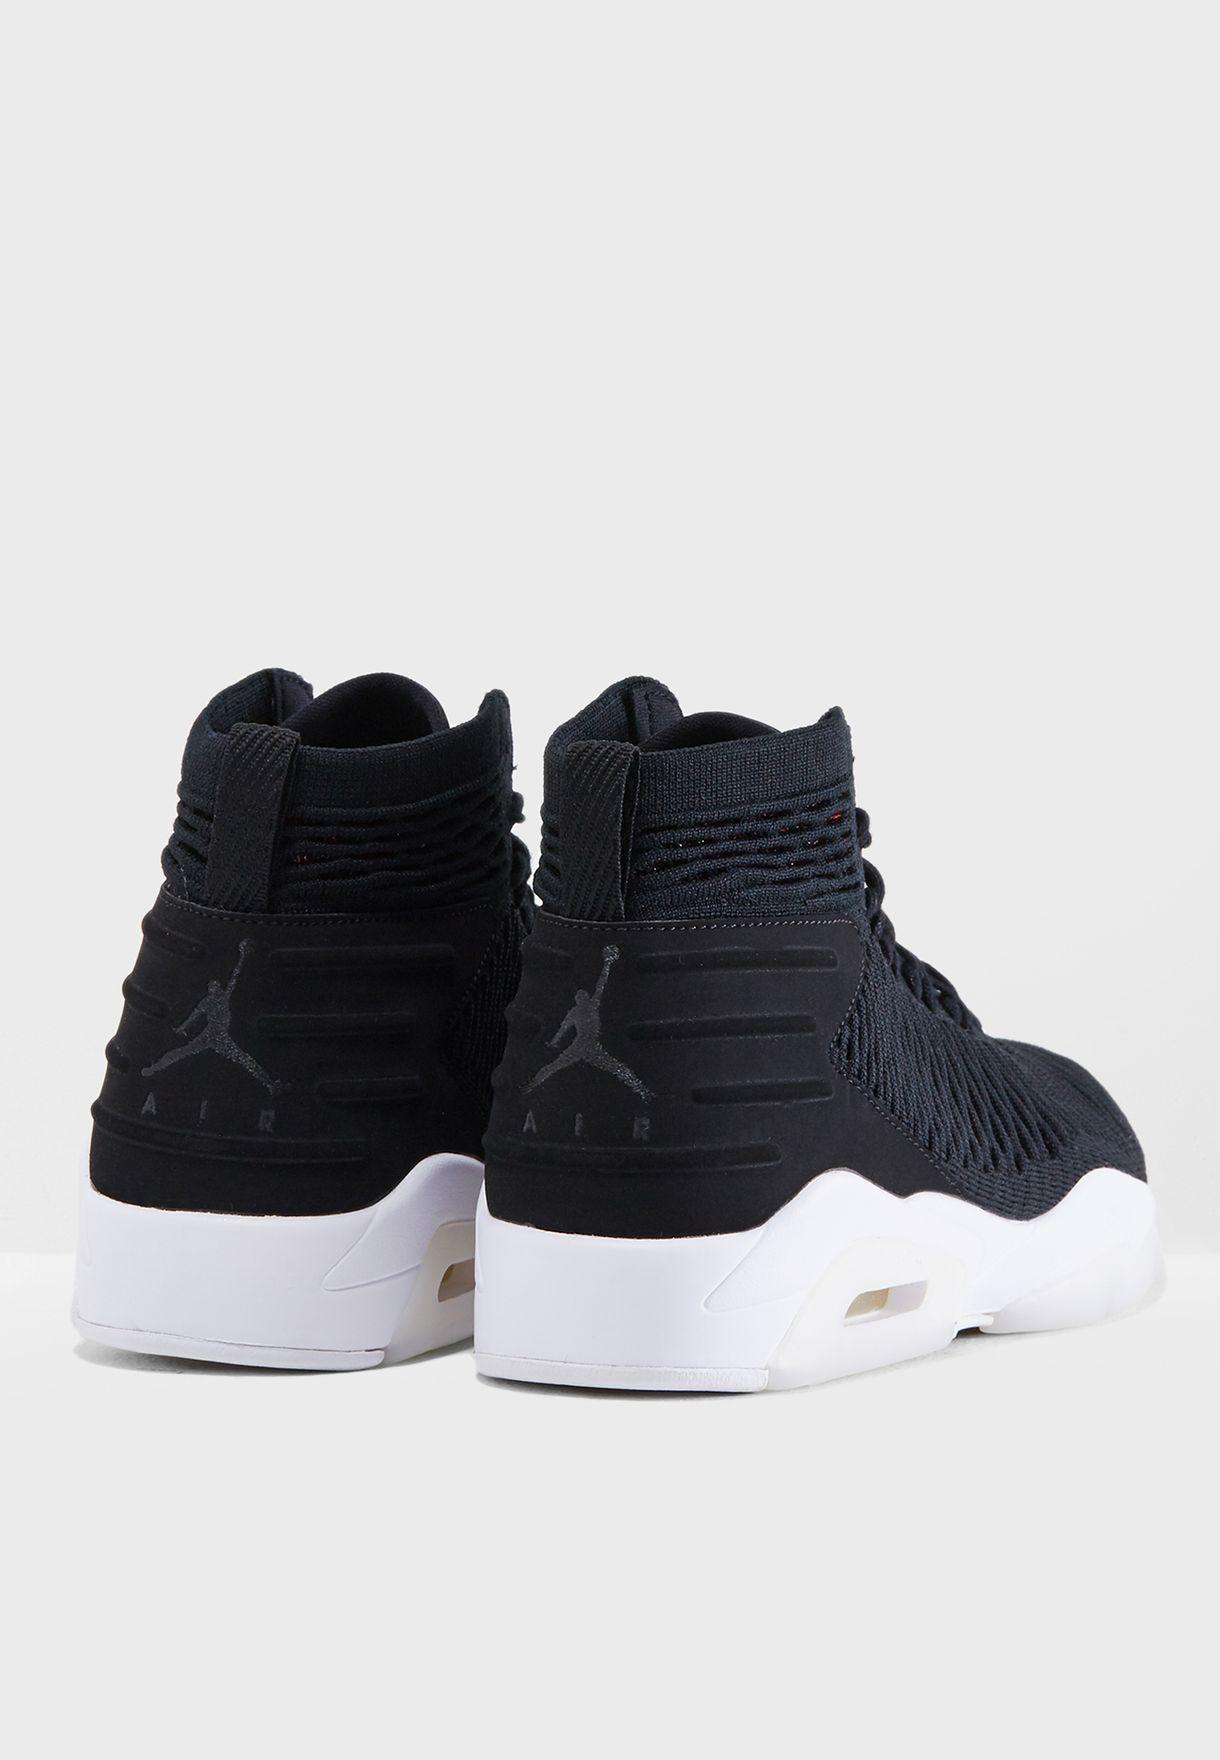 d462f0069c454b Shop Nike black Jordan Flyknit Elevation 23 AJ8207-023 for Men in ...